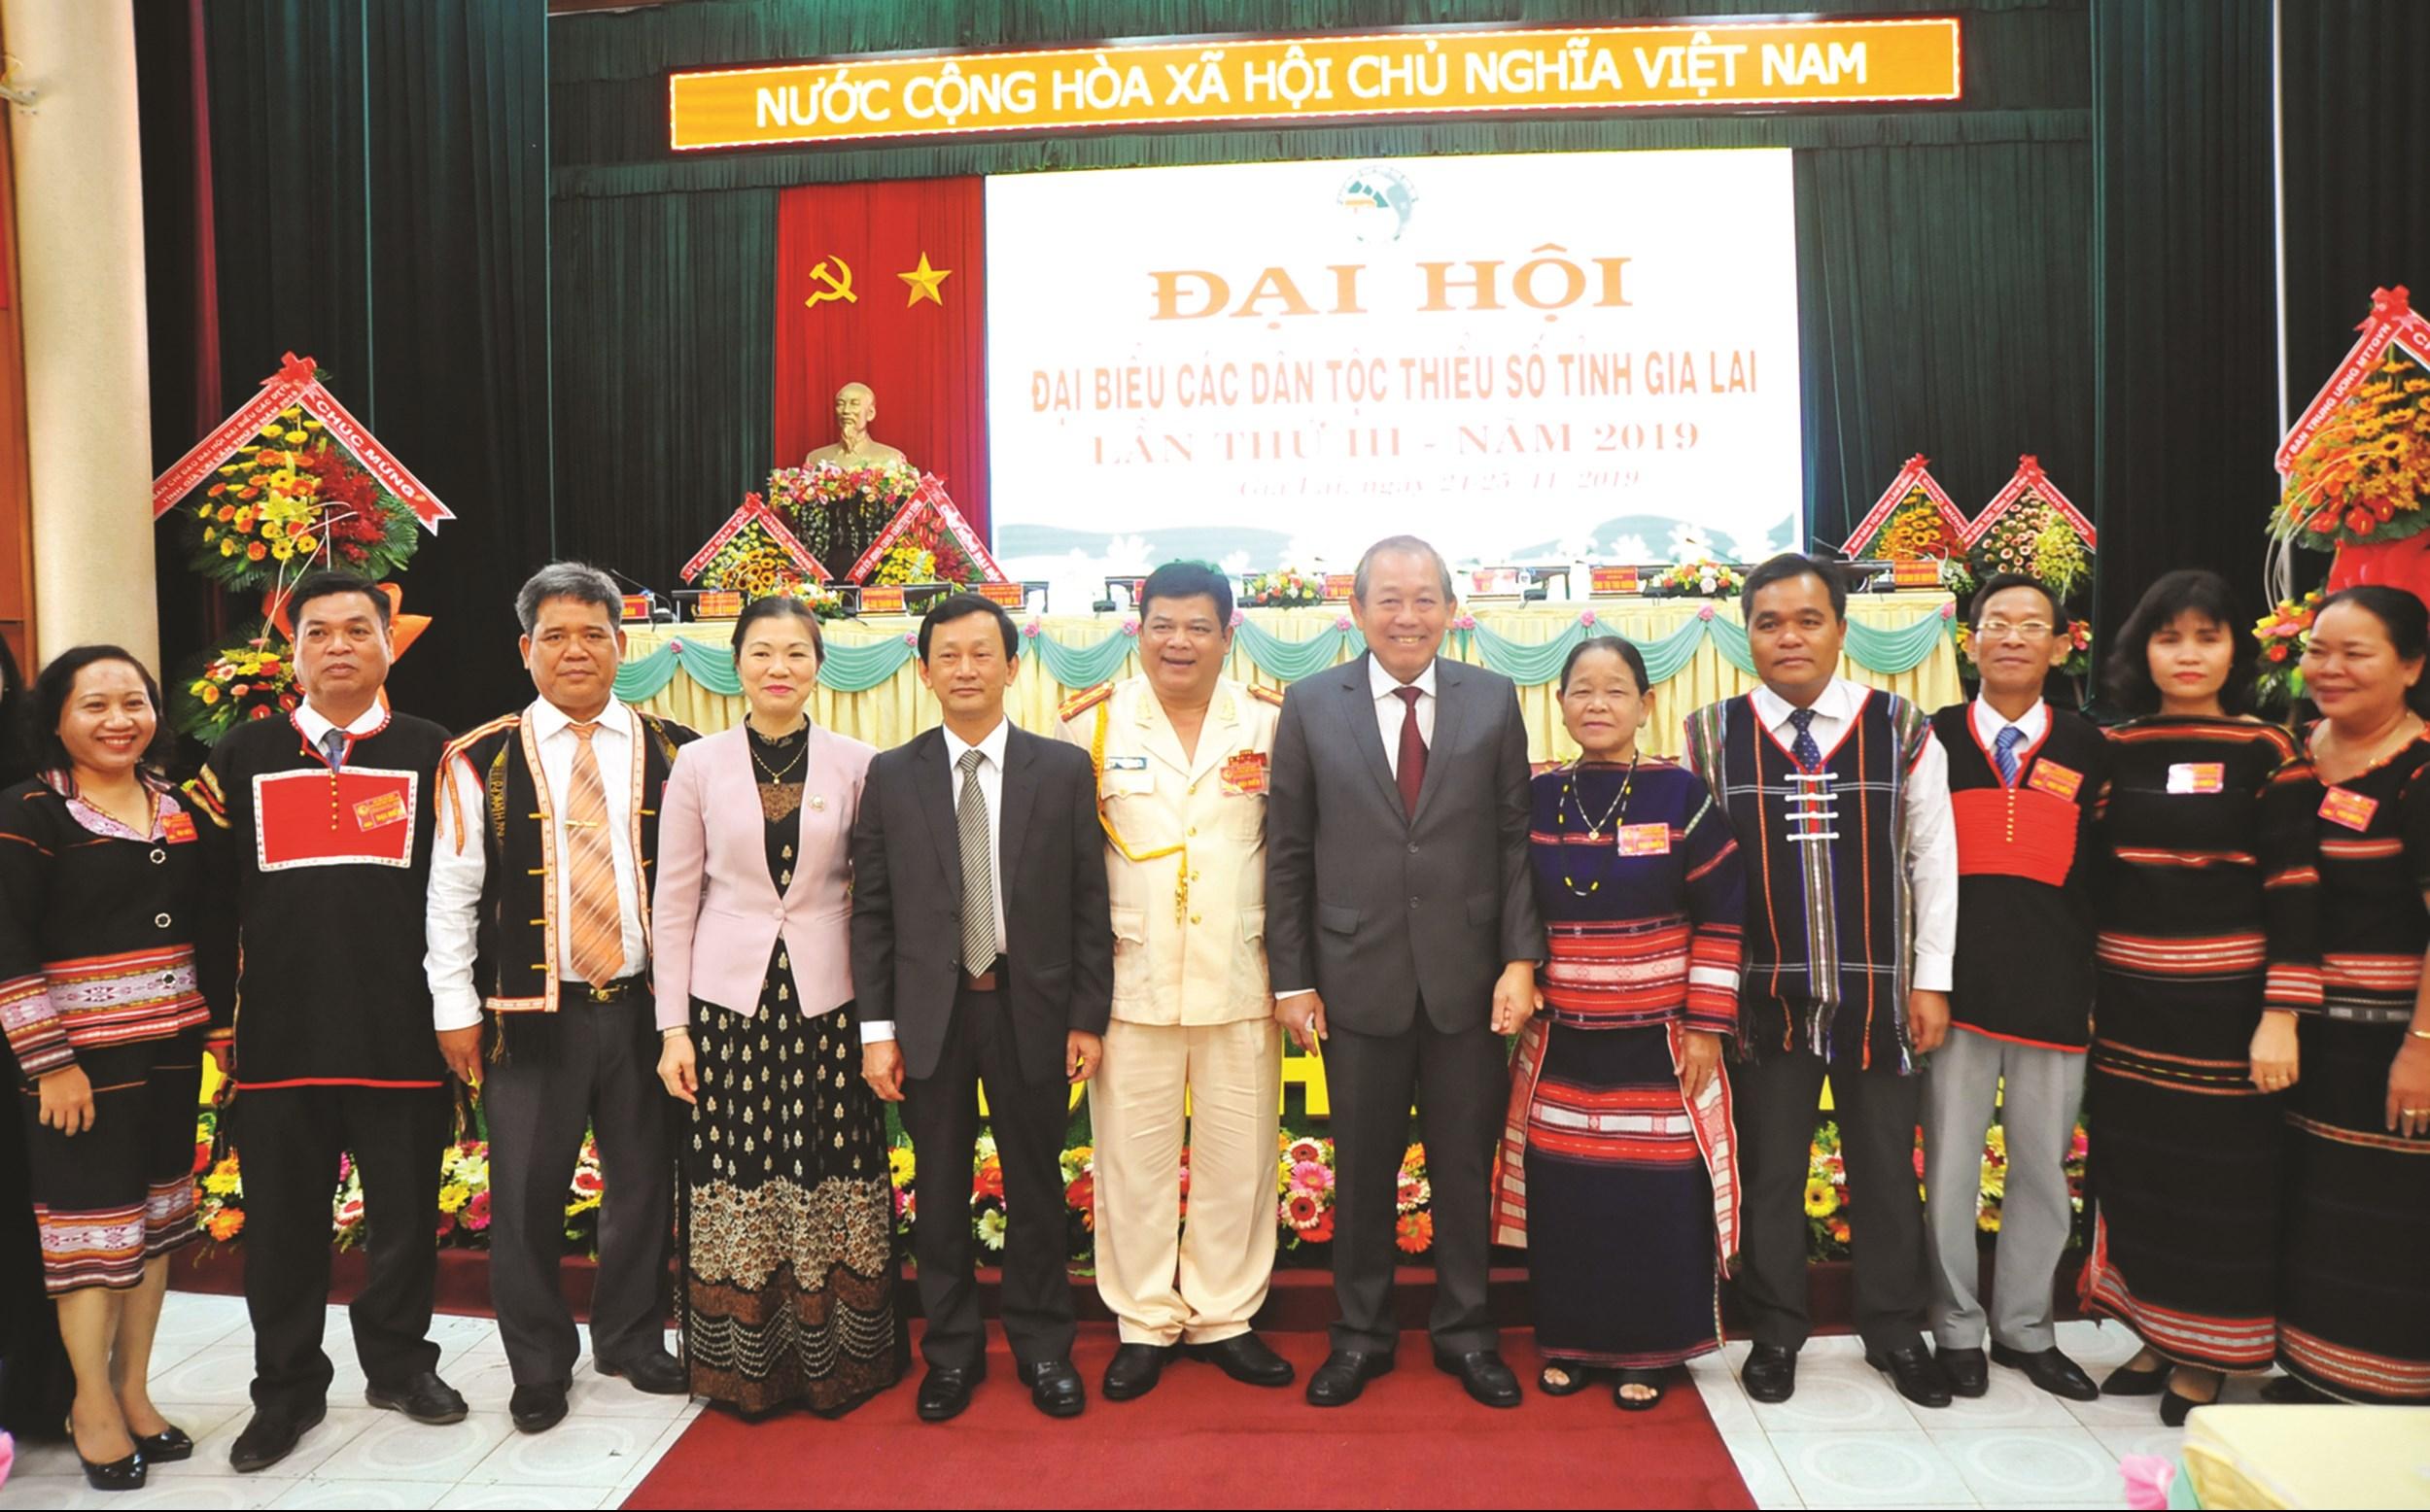 Phó Thủ tướng Thường trực Trương Hòa Bình chụp hình lưu niệm với các đại biểu tại Đại hội